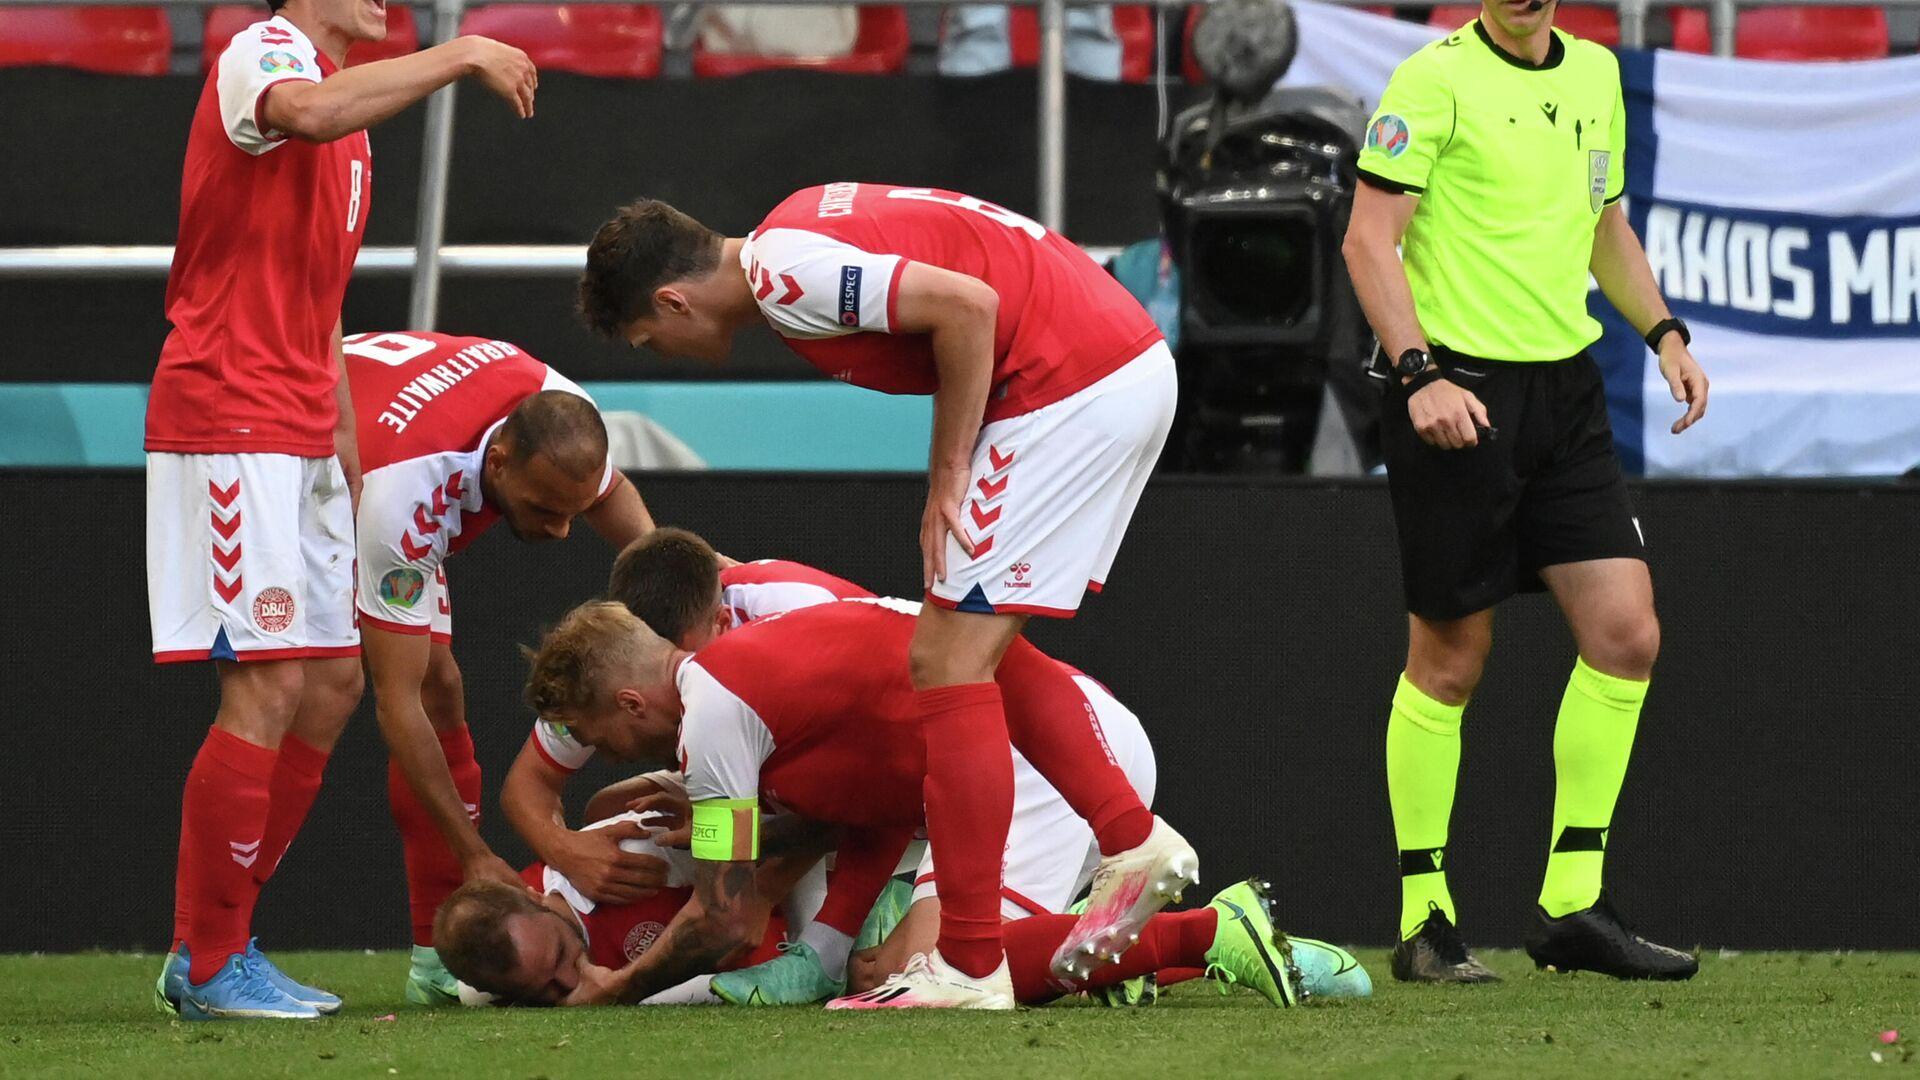 Защитник сборной Дании потерял сознание на матче против Финляндии - Sputnik Таджикистан, 1920, 12.06.2021